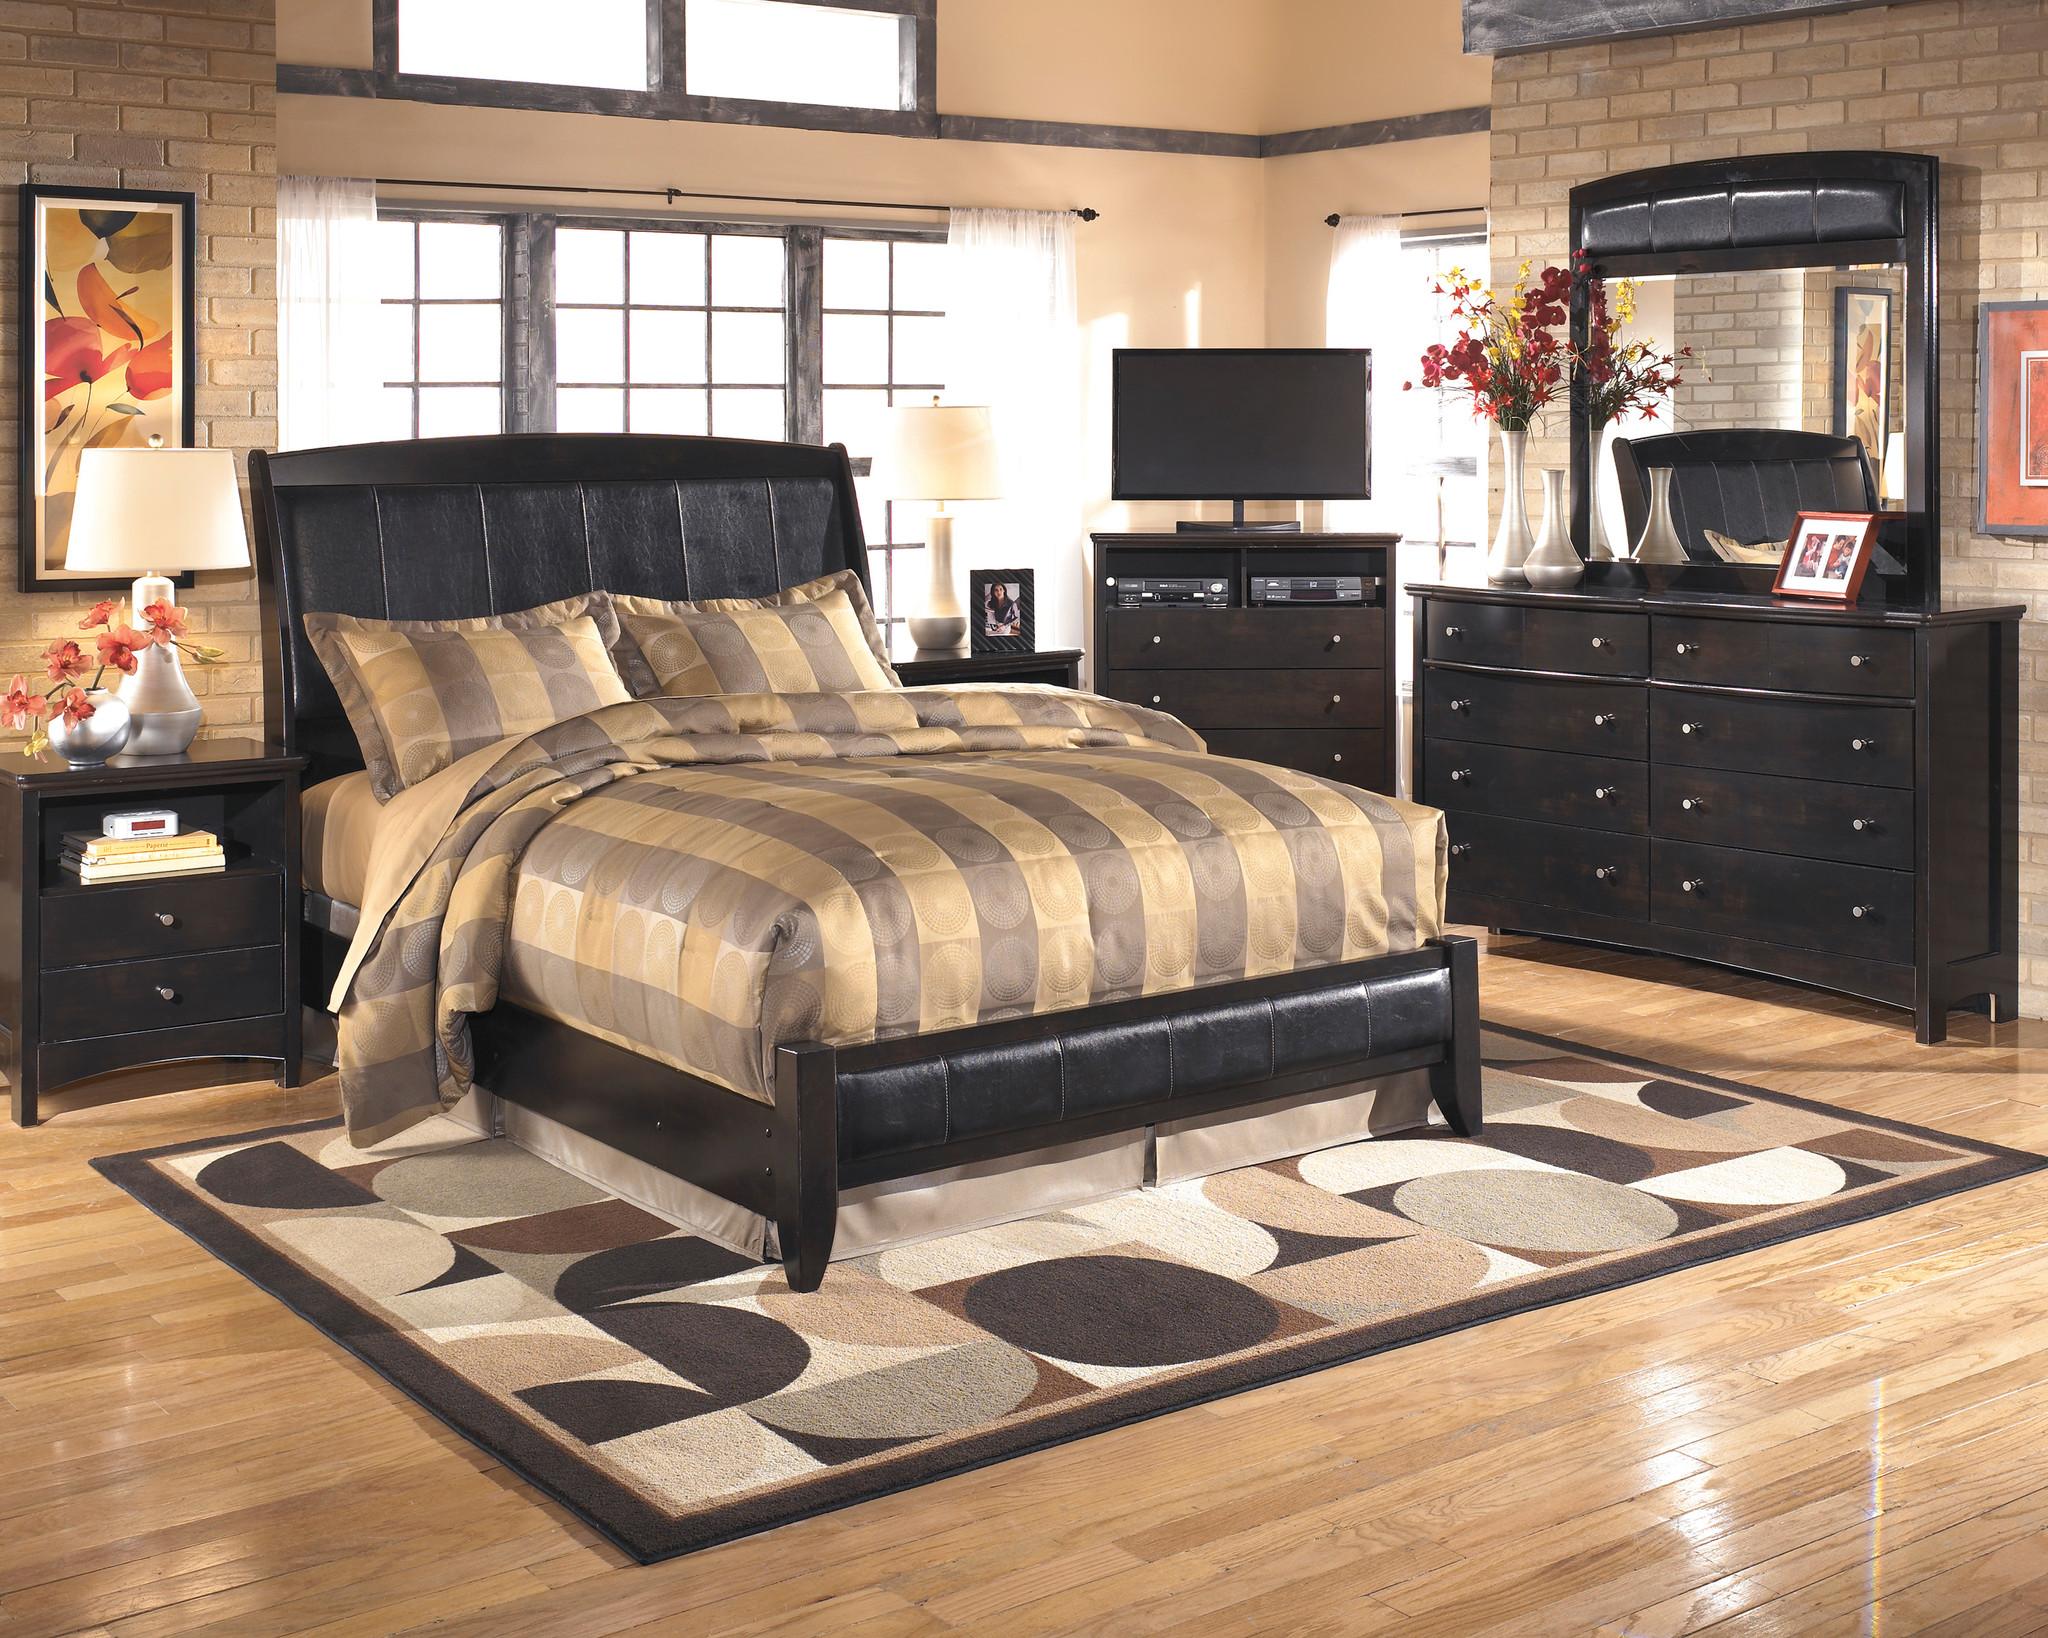 HARMONY CONTEMPORARY 6PCS MASTER BEDROOM SET BY ASHLEY SIGNATURE